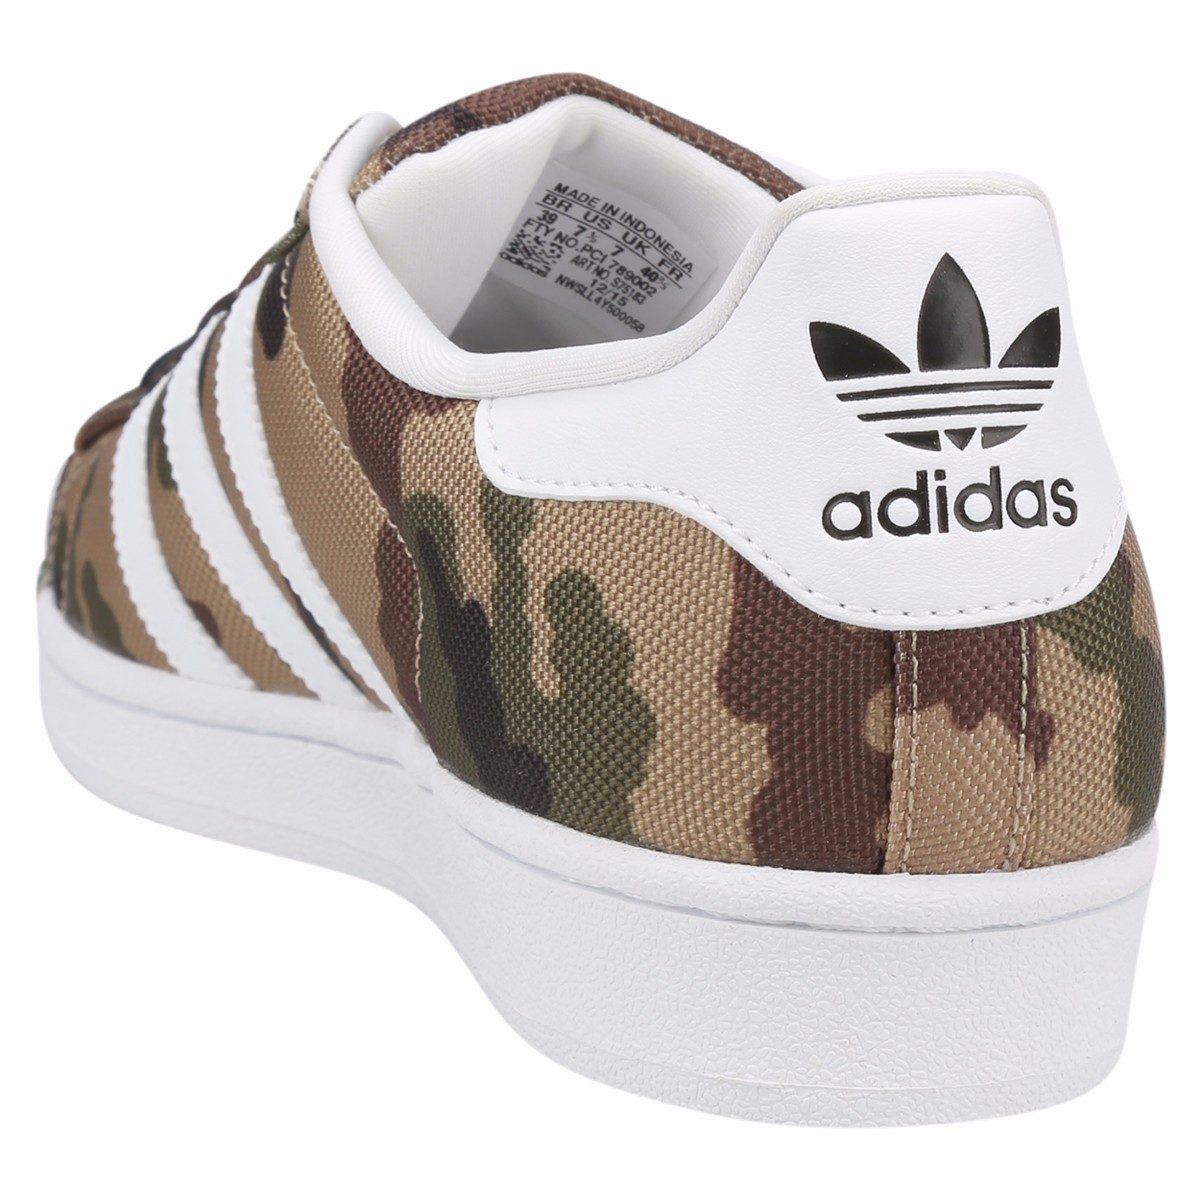 3ef4ce9fdf5 tênis adidas superstar shel toe pack camo camuflado original. Carregando  zoom.